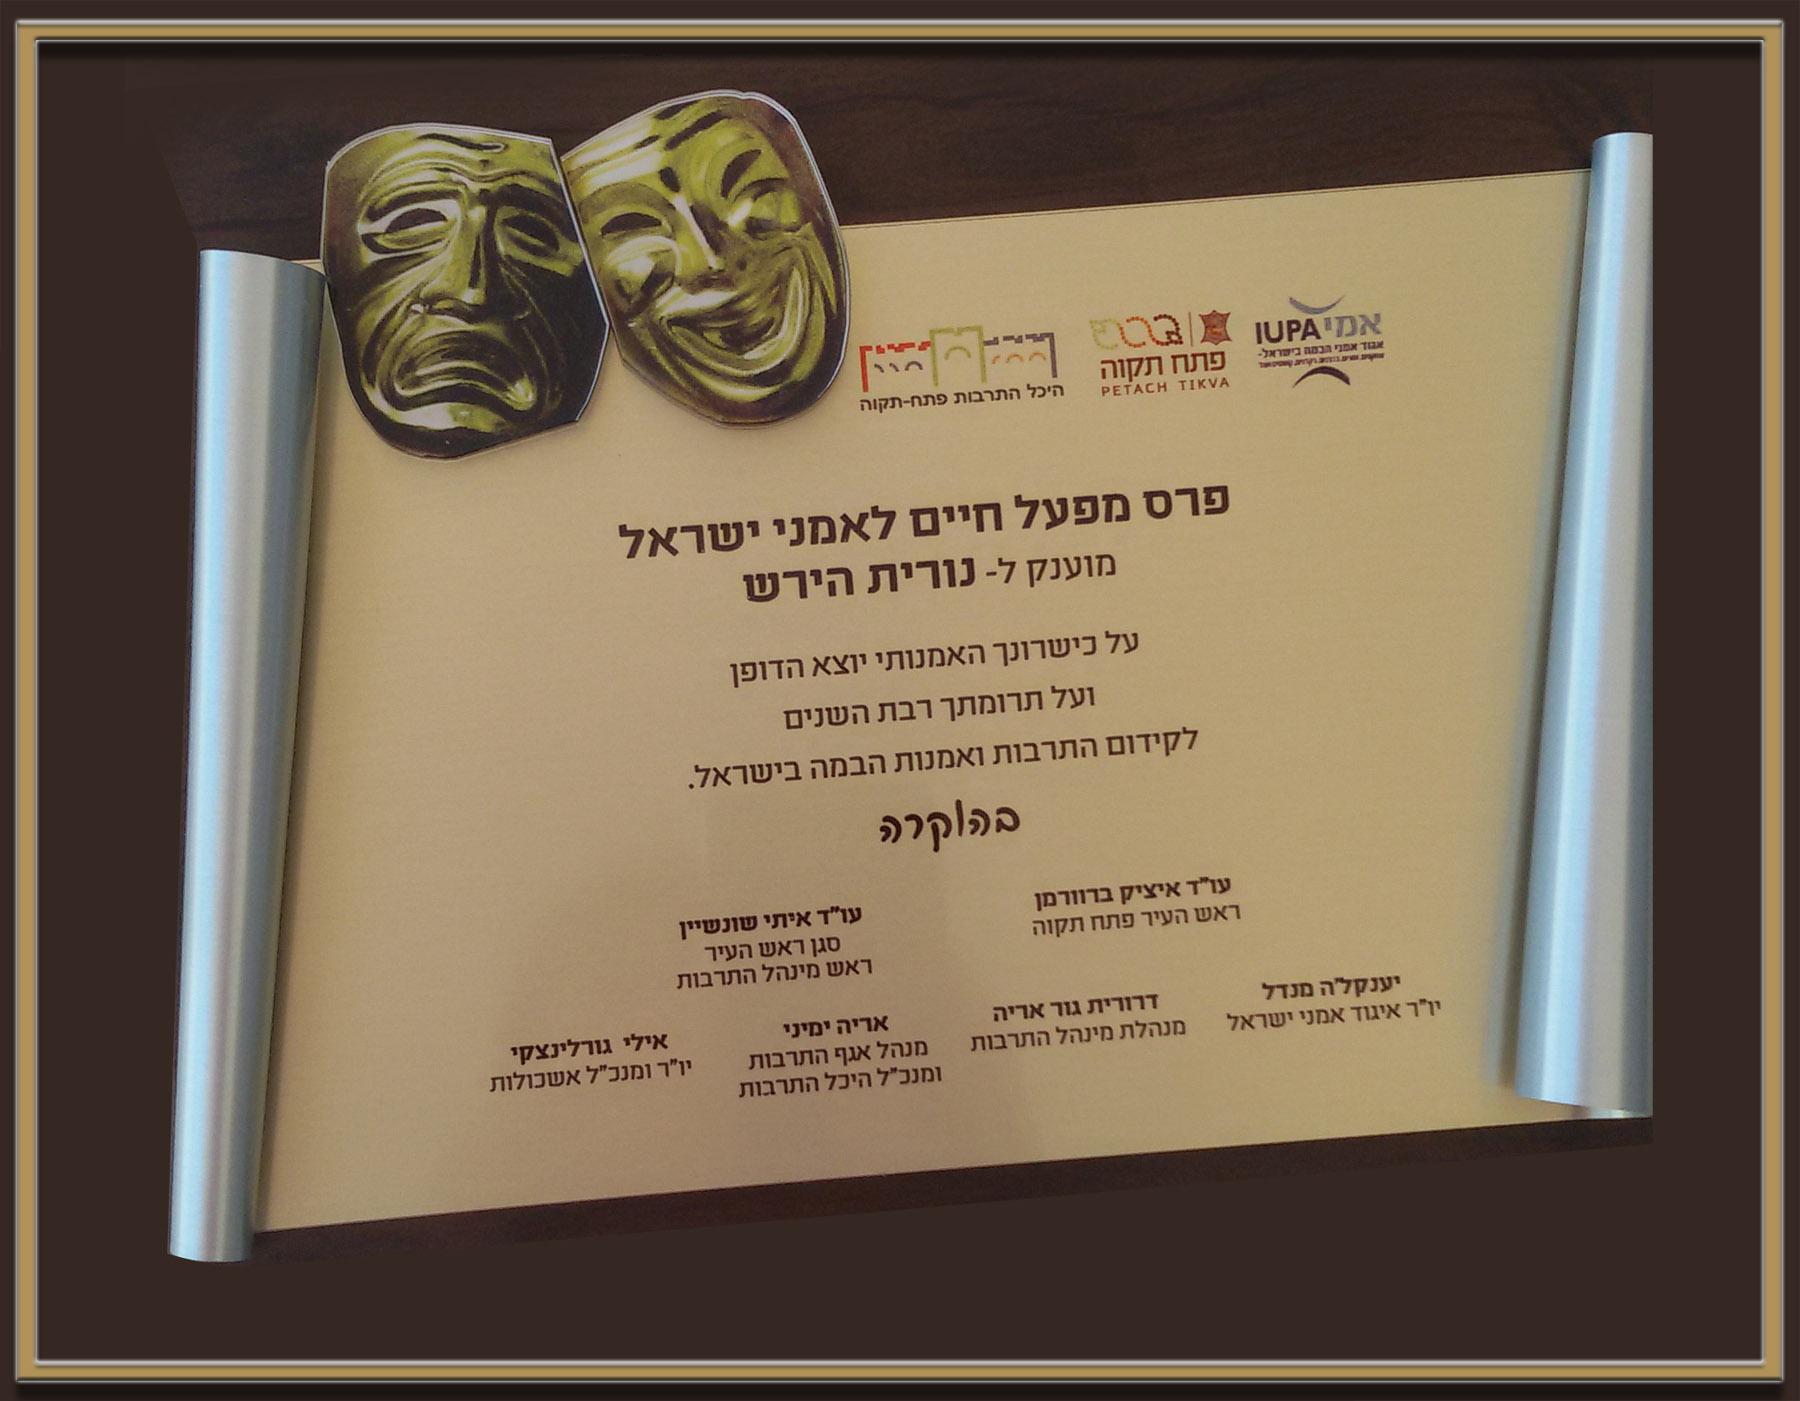 נורית פרס מפעל חיים מטעם איגוד אמני ישראל